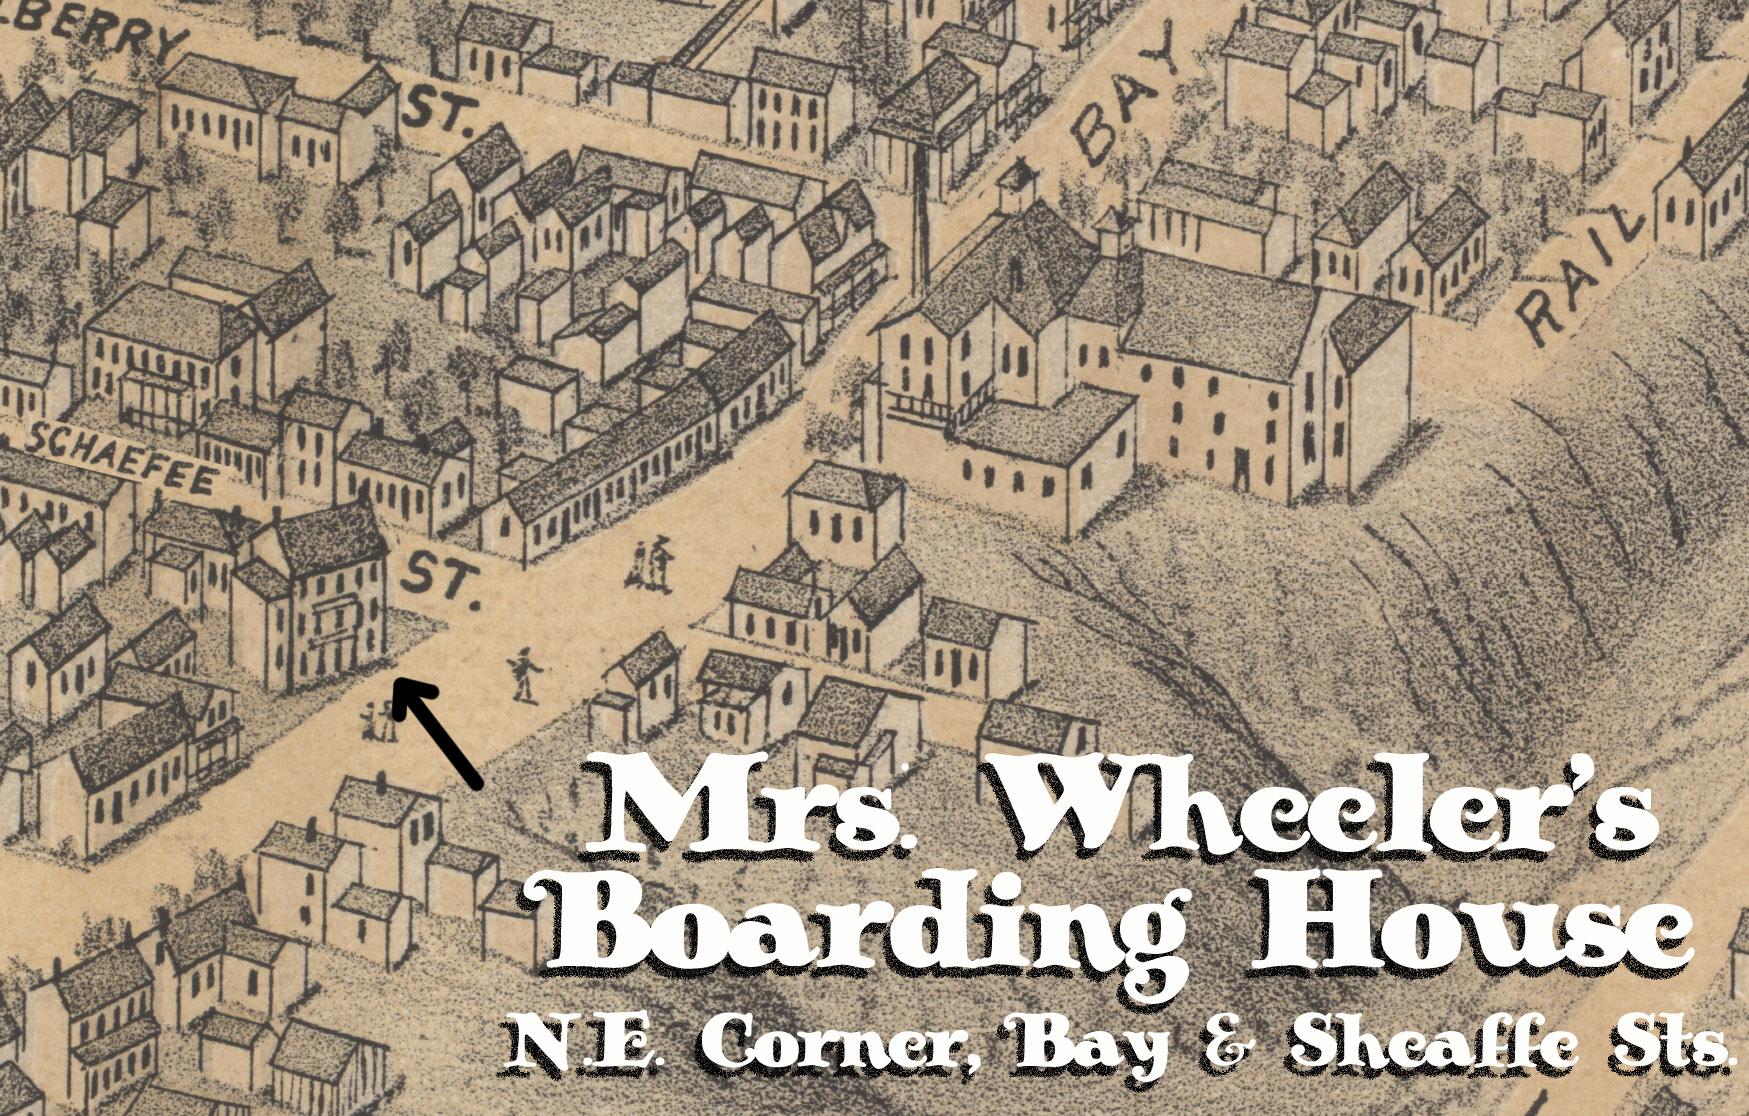 Carte illustrée montrant une partie de la ville d'Hamilton au milieu du XIXe siècle. On peut voir sur la carte illustrée des maisons et d'autres structures, ainsi qu'une colline escarpée sur la droite de l'image. Un immeuble de trois étages à l'angle nord-est des rues Bay et Sheaffe est identifié comme la maison de pension de Mme Wheeler.